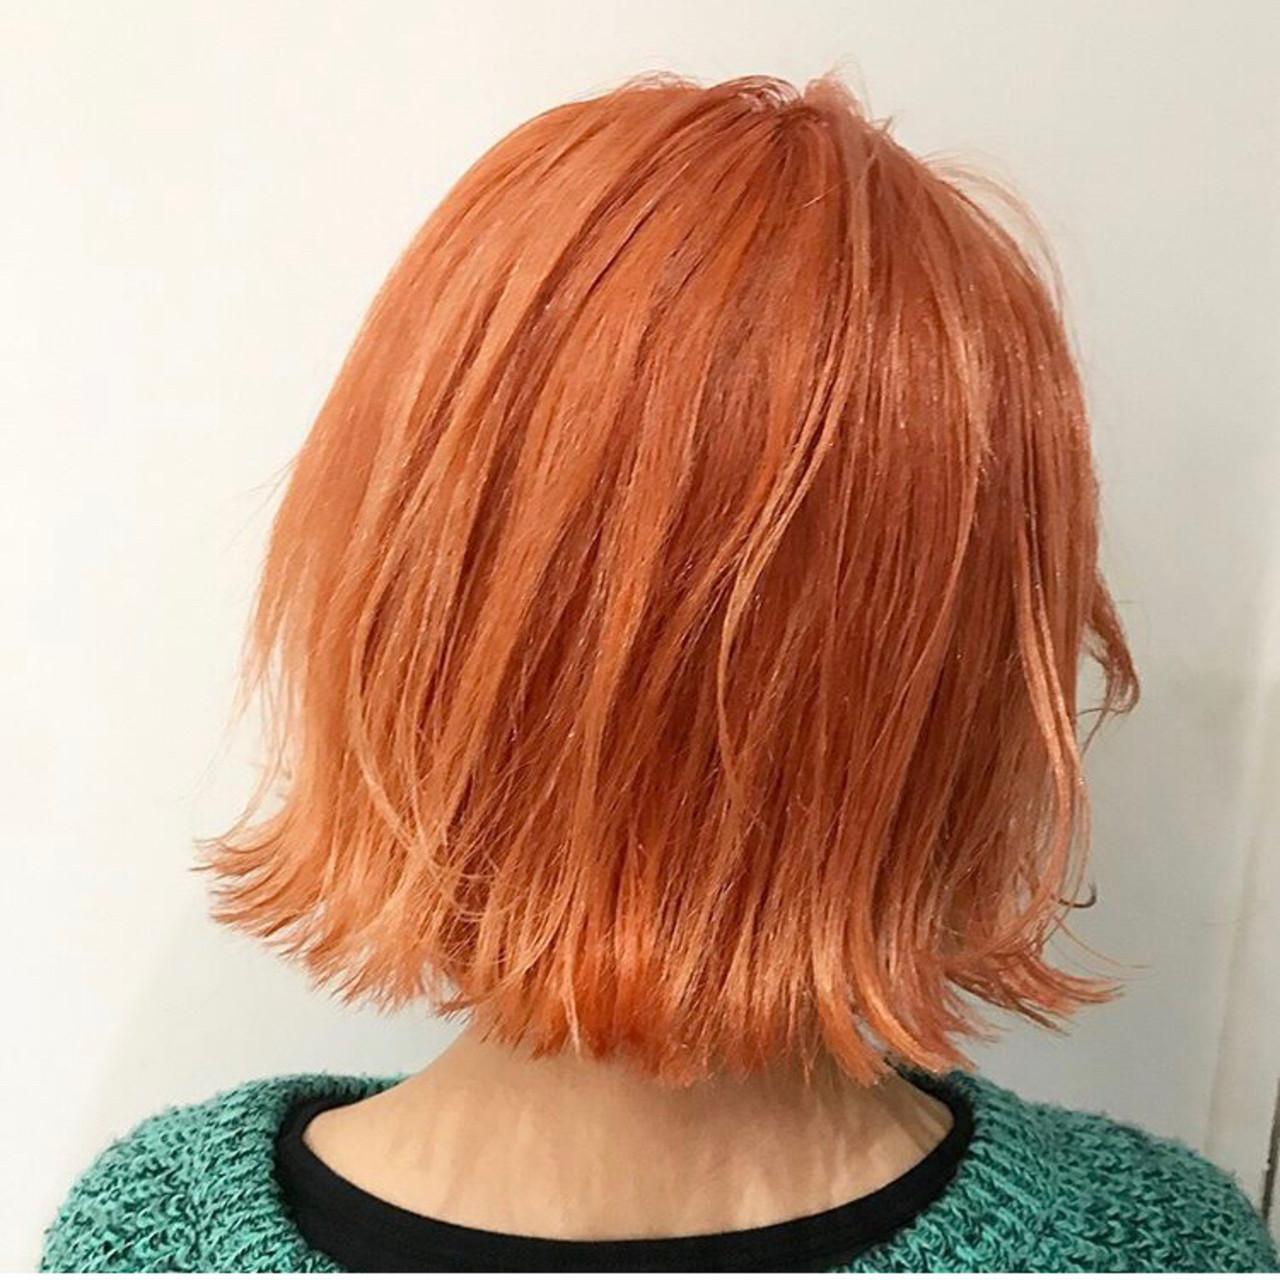 ボブ モード ハイライト オレンジカラー ヘアスタイルや髪型の写真・画像